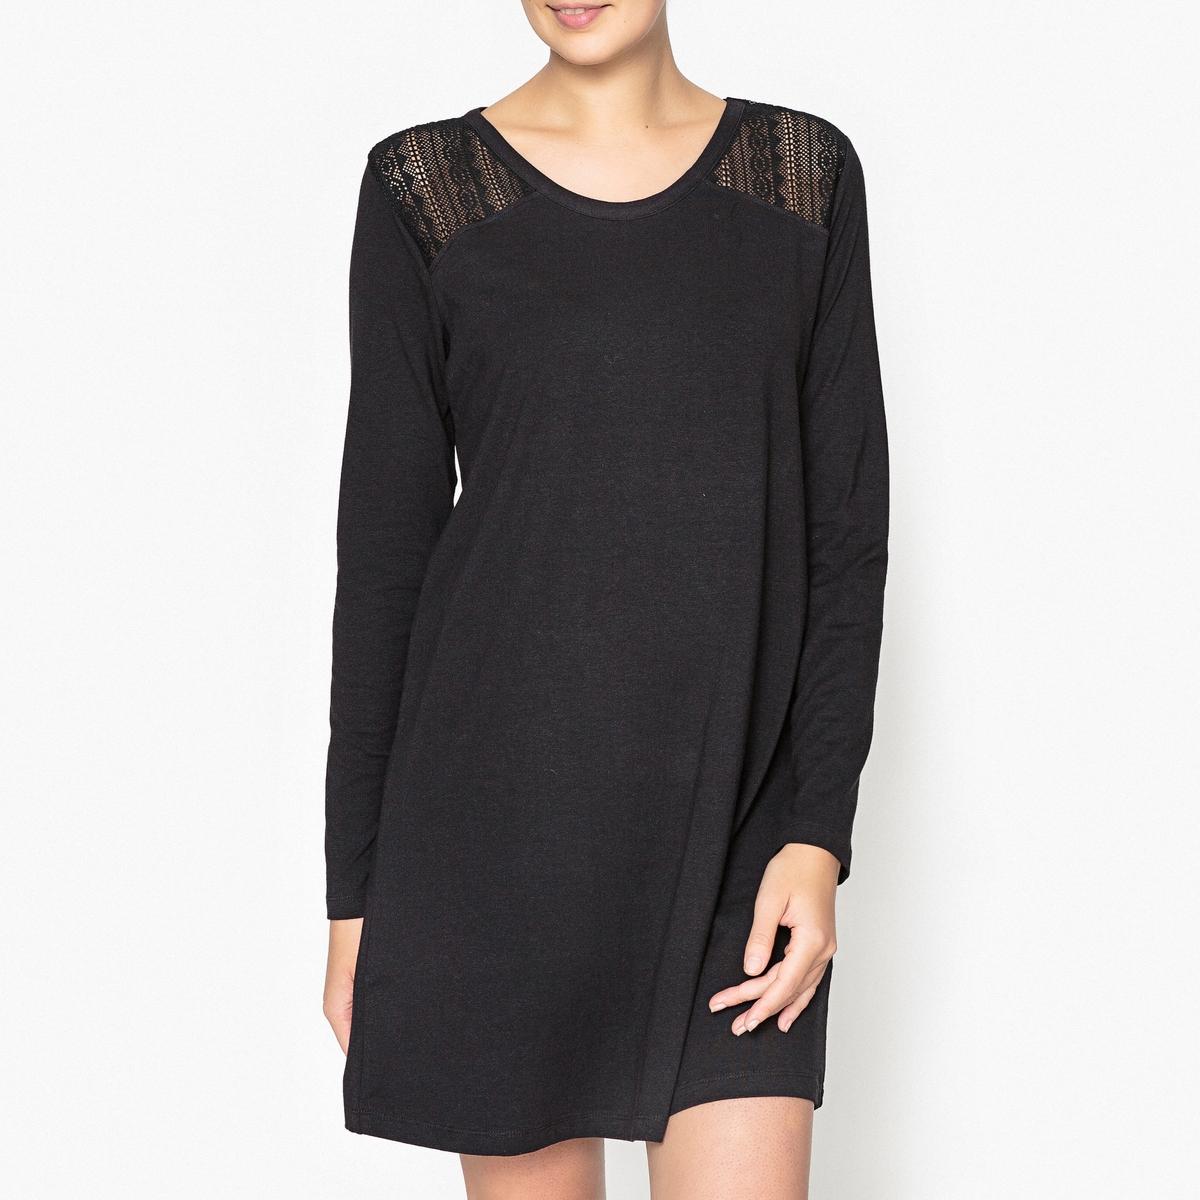 Рубашка ночная из кружеваНочная рубашка со спинкой и плечами из кружева .Состав и описаниеНочная рубашка прямого покроя с длинными рукавами, закругленный V-образный вырез, плечи и спинка из кружева Материал :  50% модала, 46% хлопка,4% эластана Длина: 88 смУход: :Стирать с вещами подобного цвета при 30°.Стирать, сушить и гладить с изнаночной стороны.<br><br>Цвет: черный<br>Размер: 42 (FR) - 48 (RUS).48 (FR) - 54 (RUS).44 (FR) - 50 (RUS)